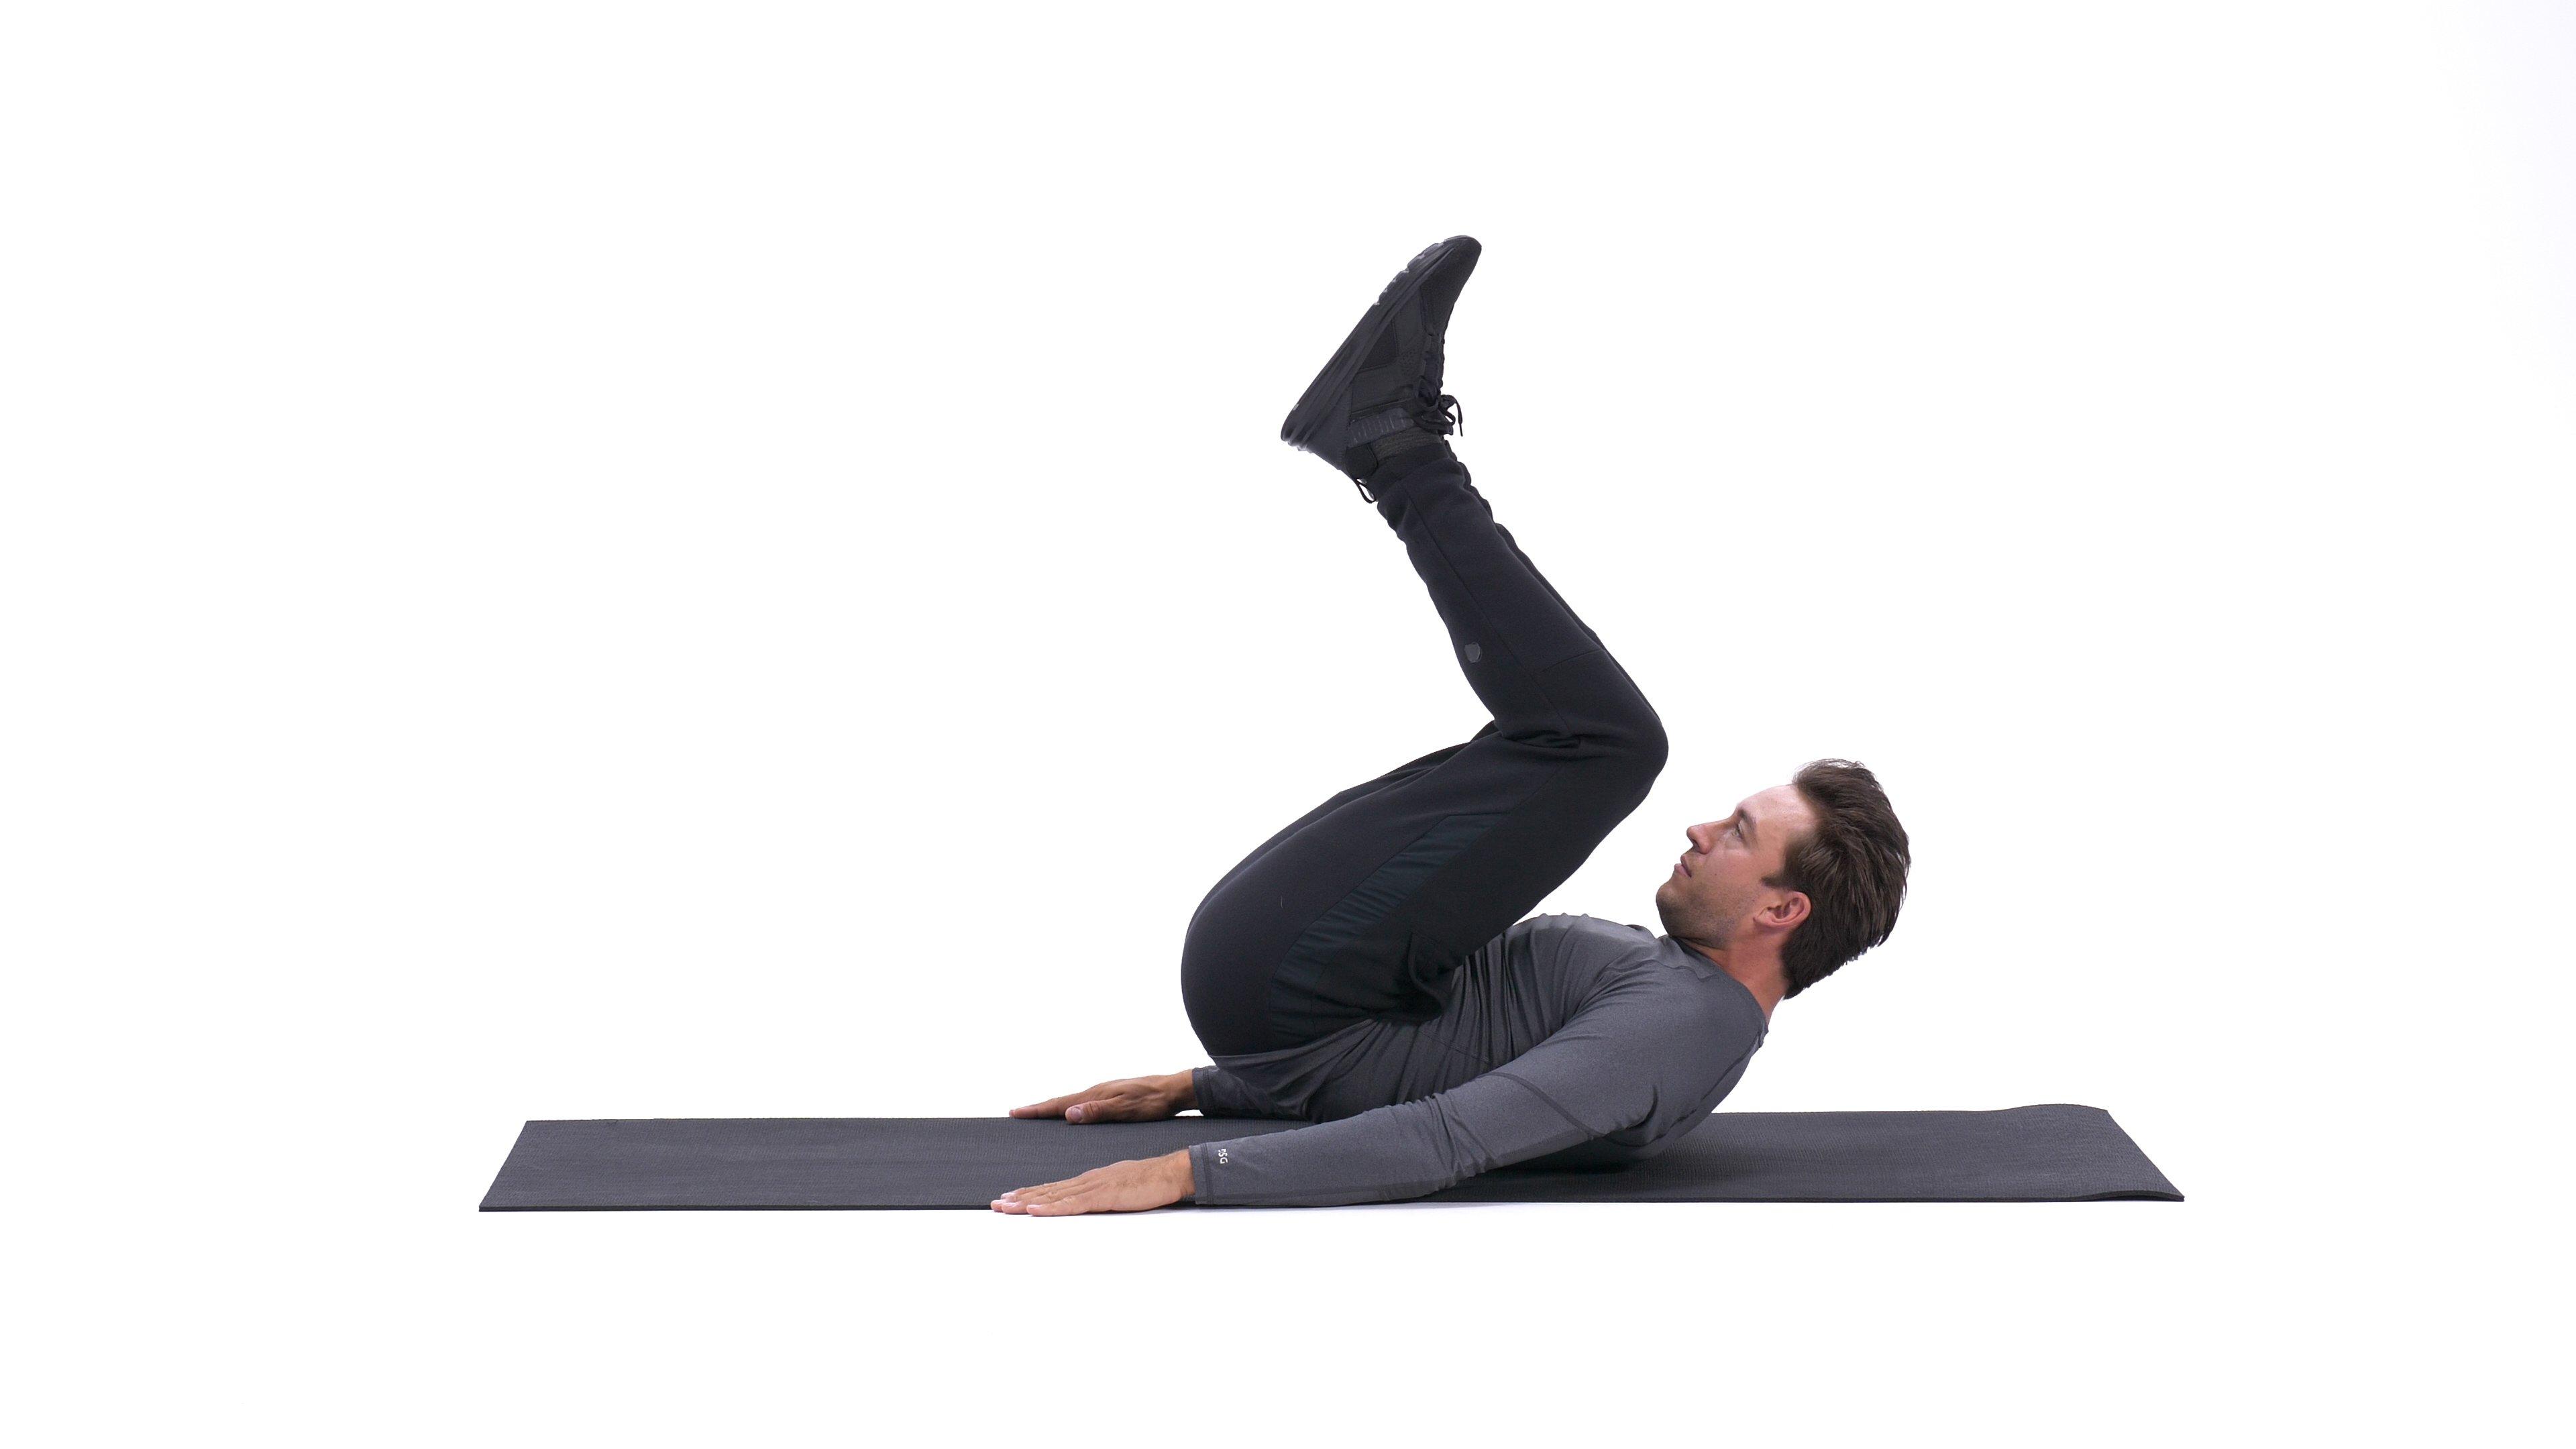 Bent-knee reverse crunch image